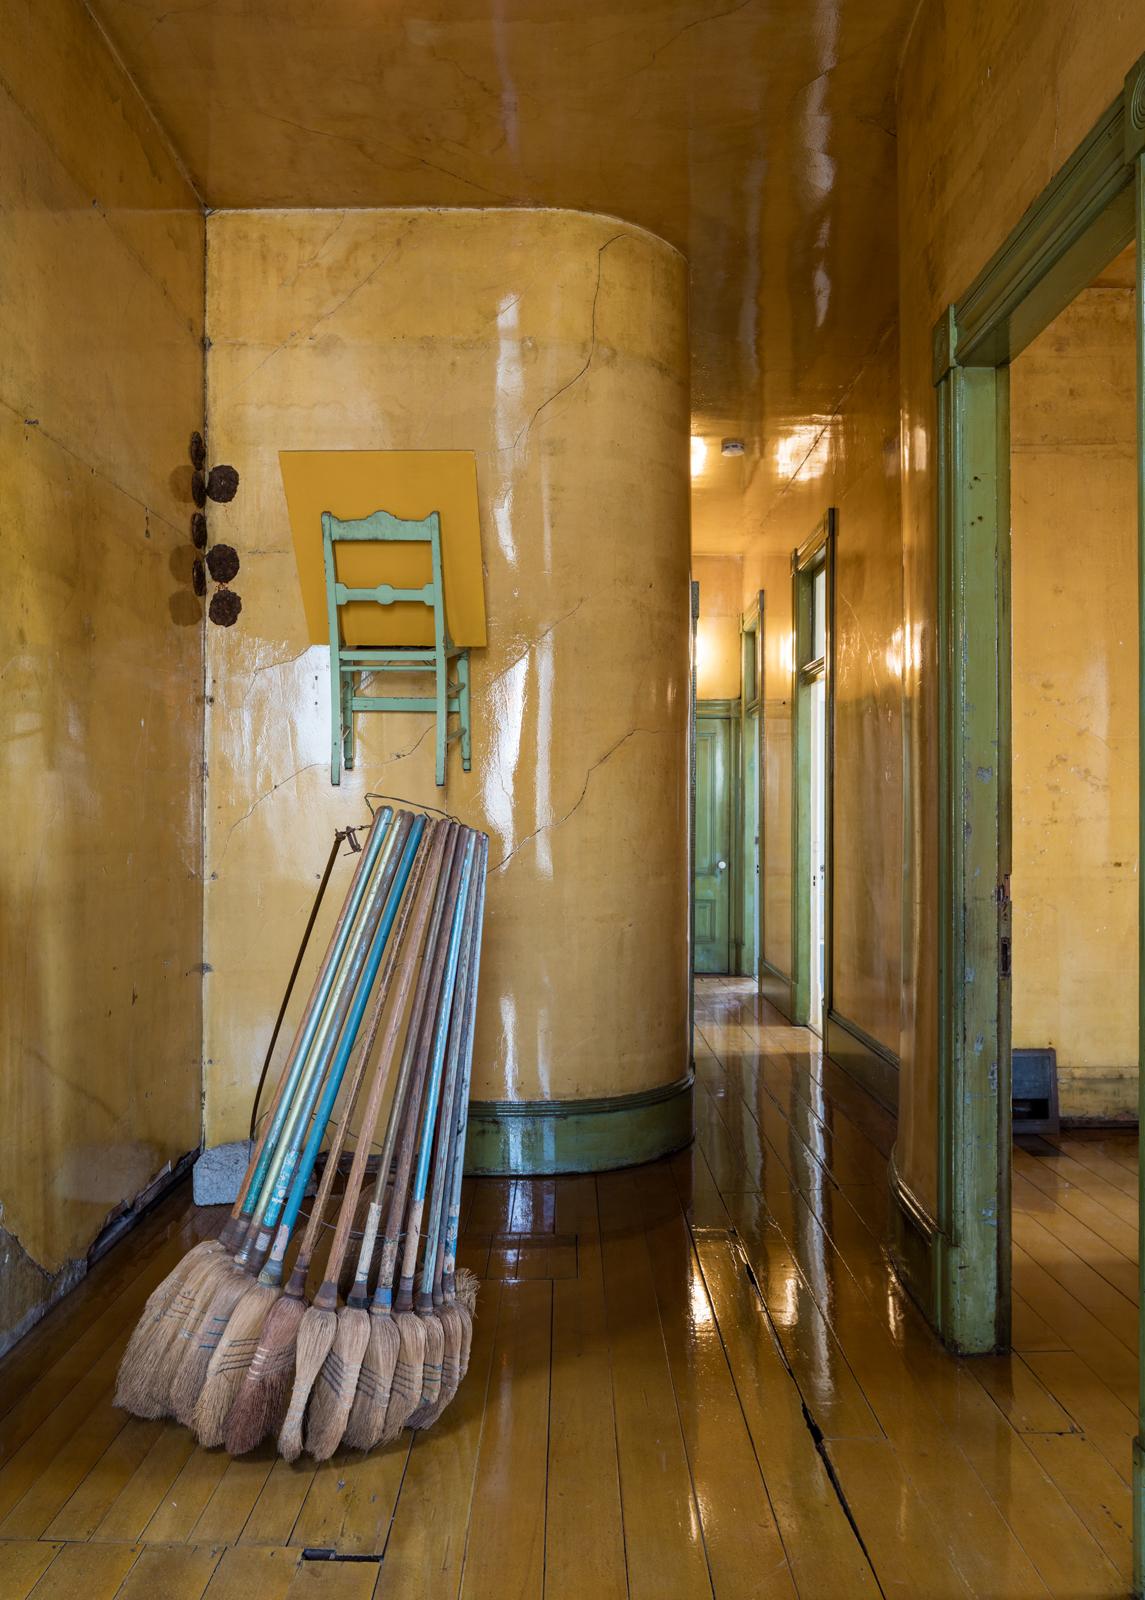 500 Capp St_2nd floor hallway and stairs_#04_Nov 5th__©Henrik Kam 2015_.jpg